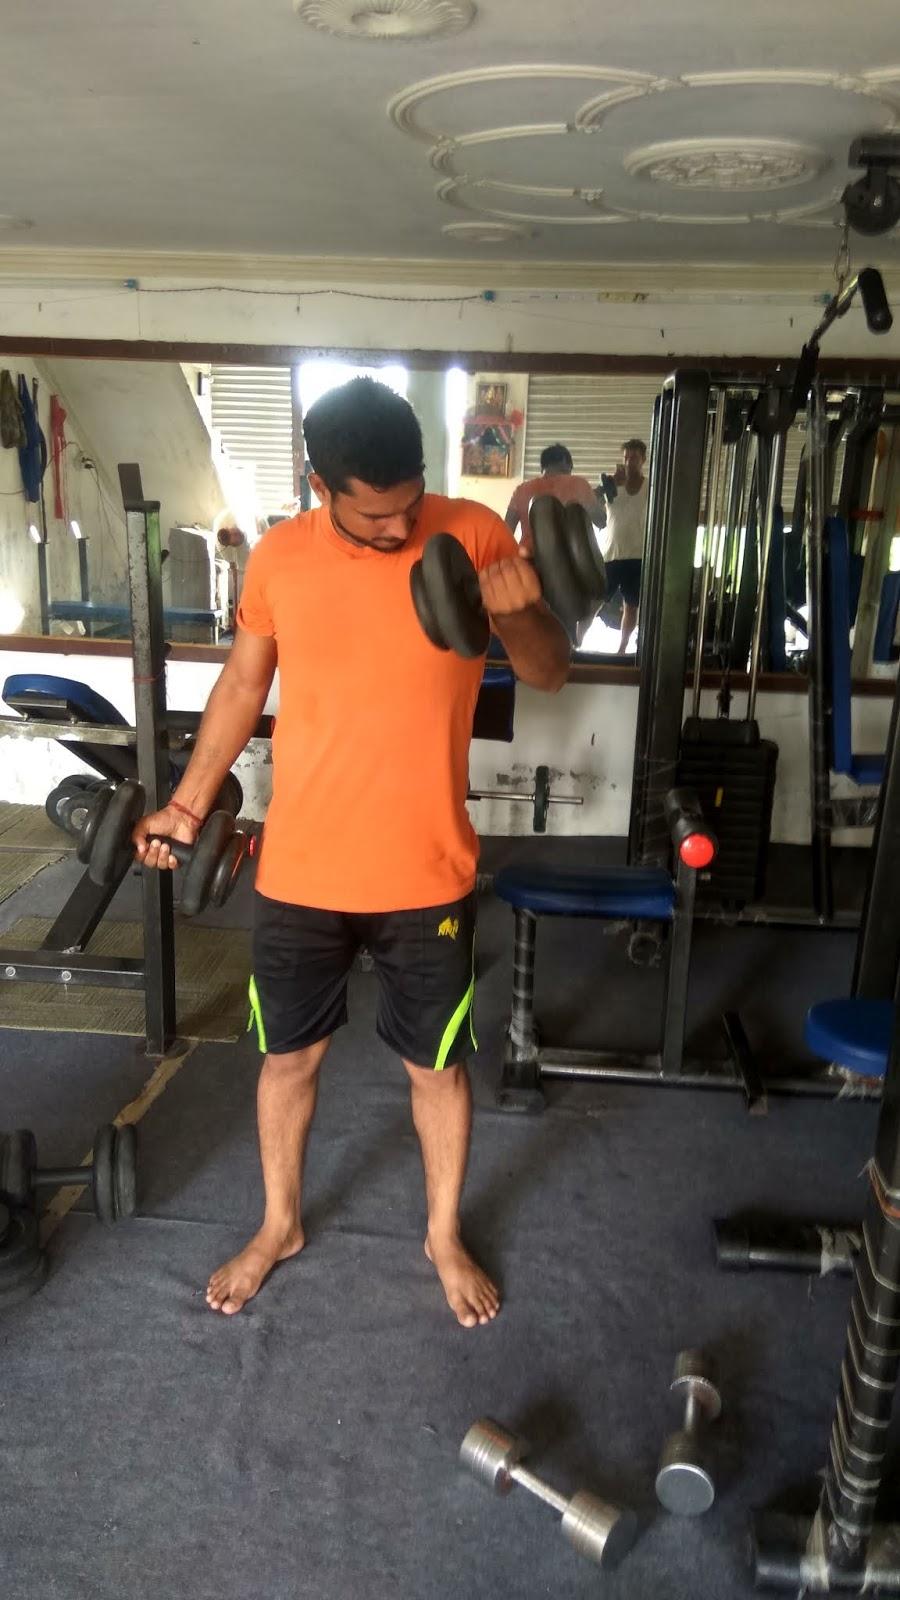 Gym करने का सही तरीका क्या है